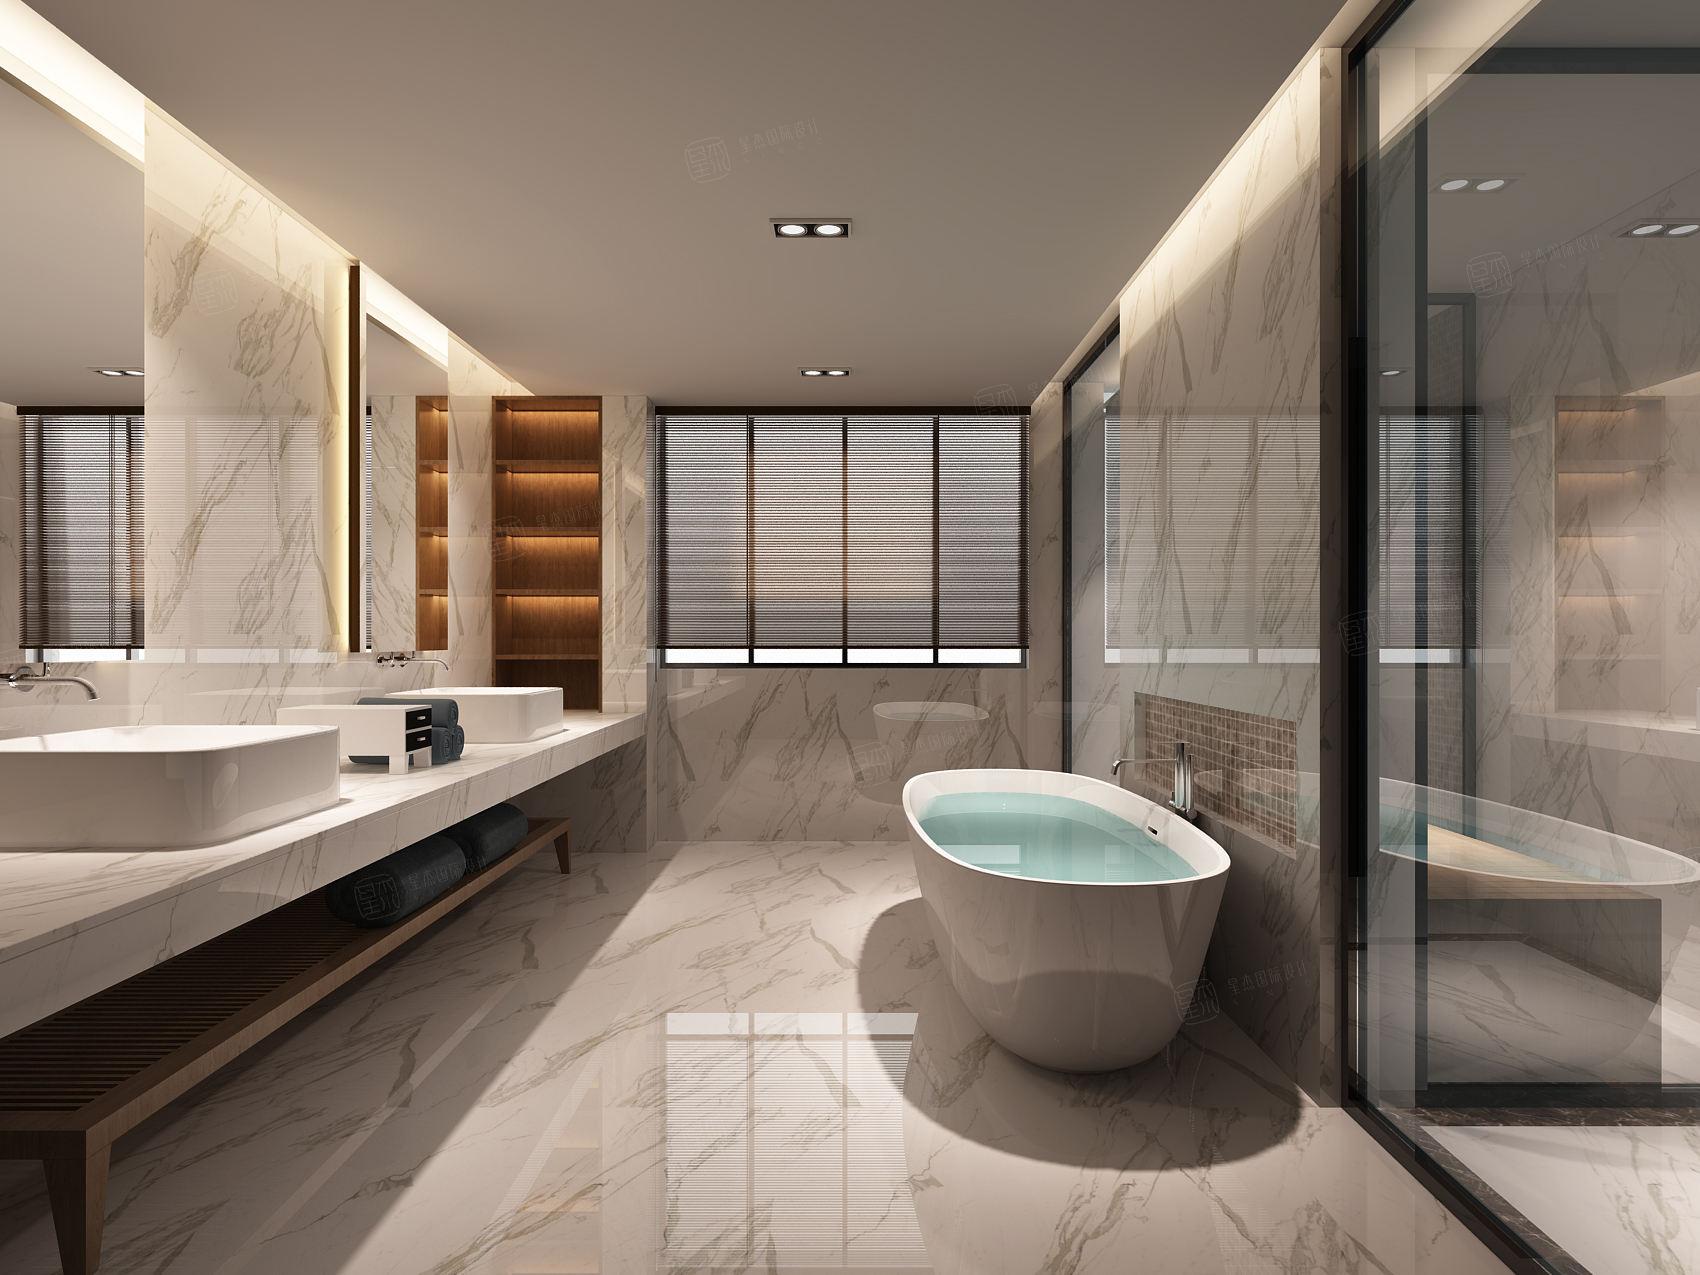 中邦上海城 现代简约装修浴缸效果图